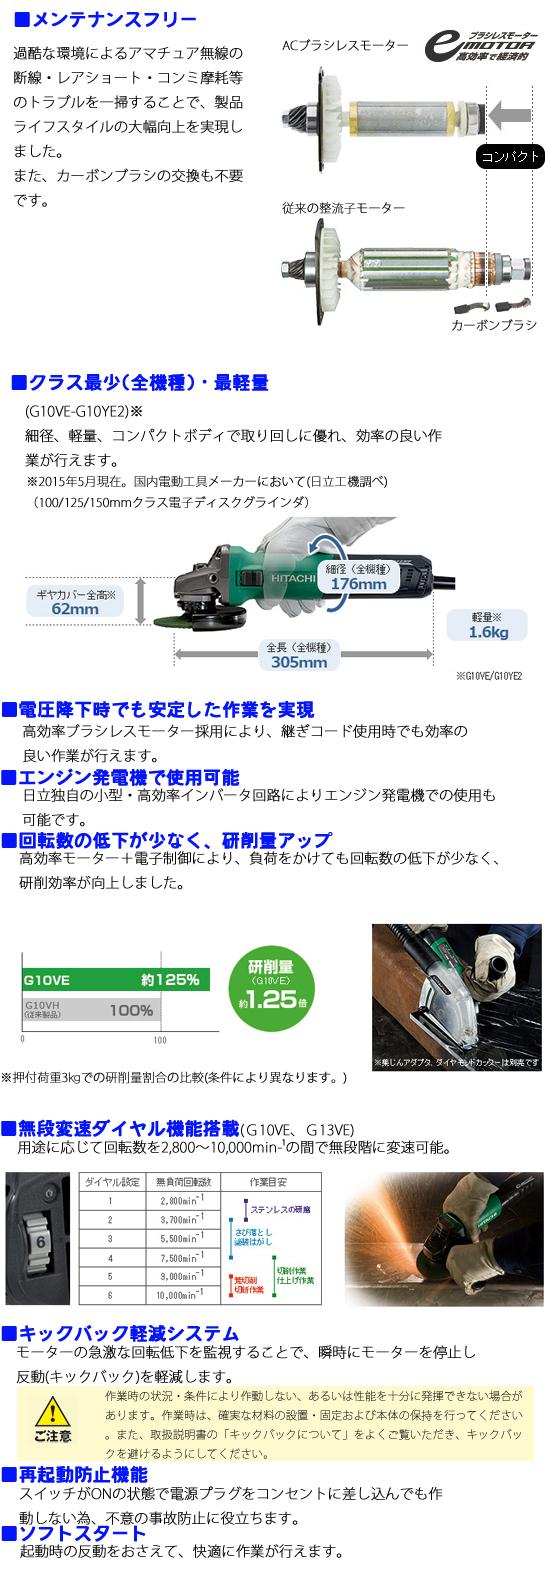 日立 電子ディスクグラインダ G10VE